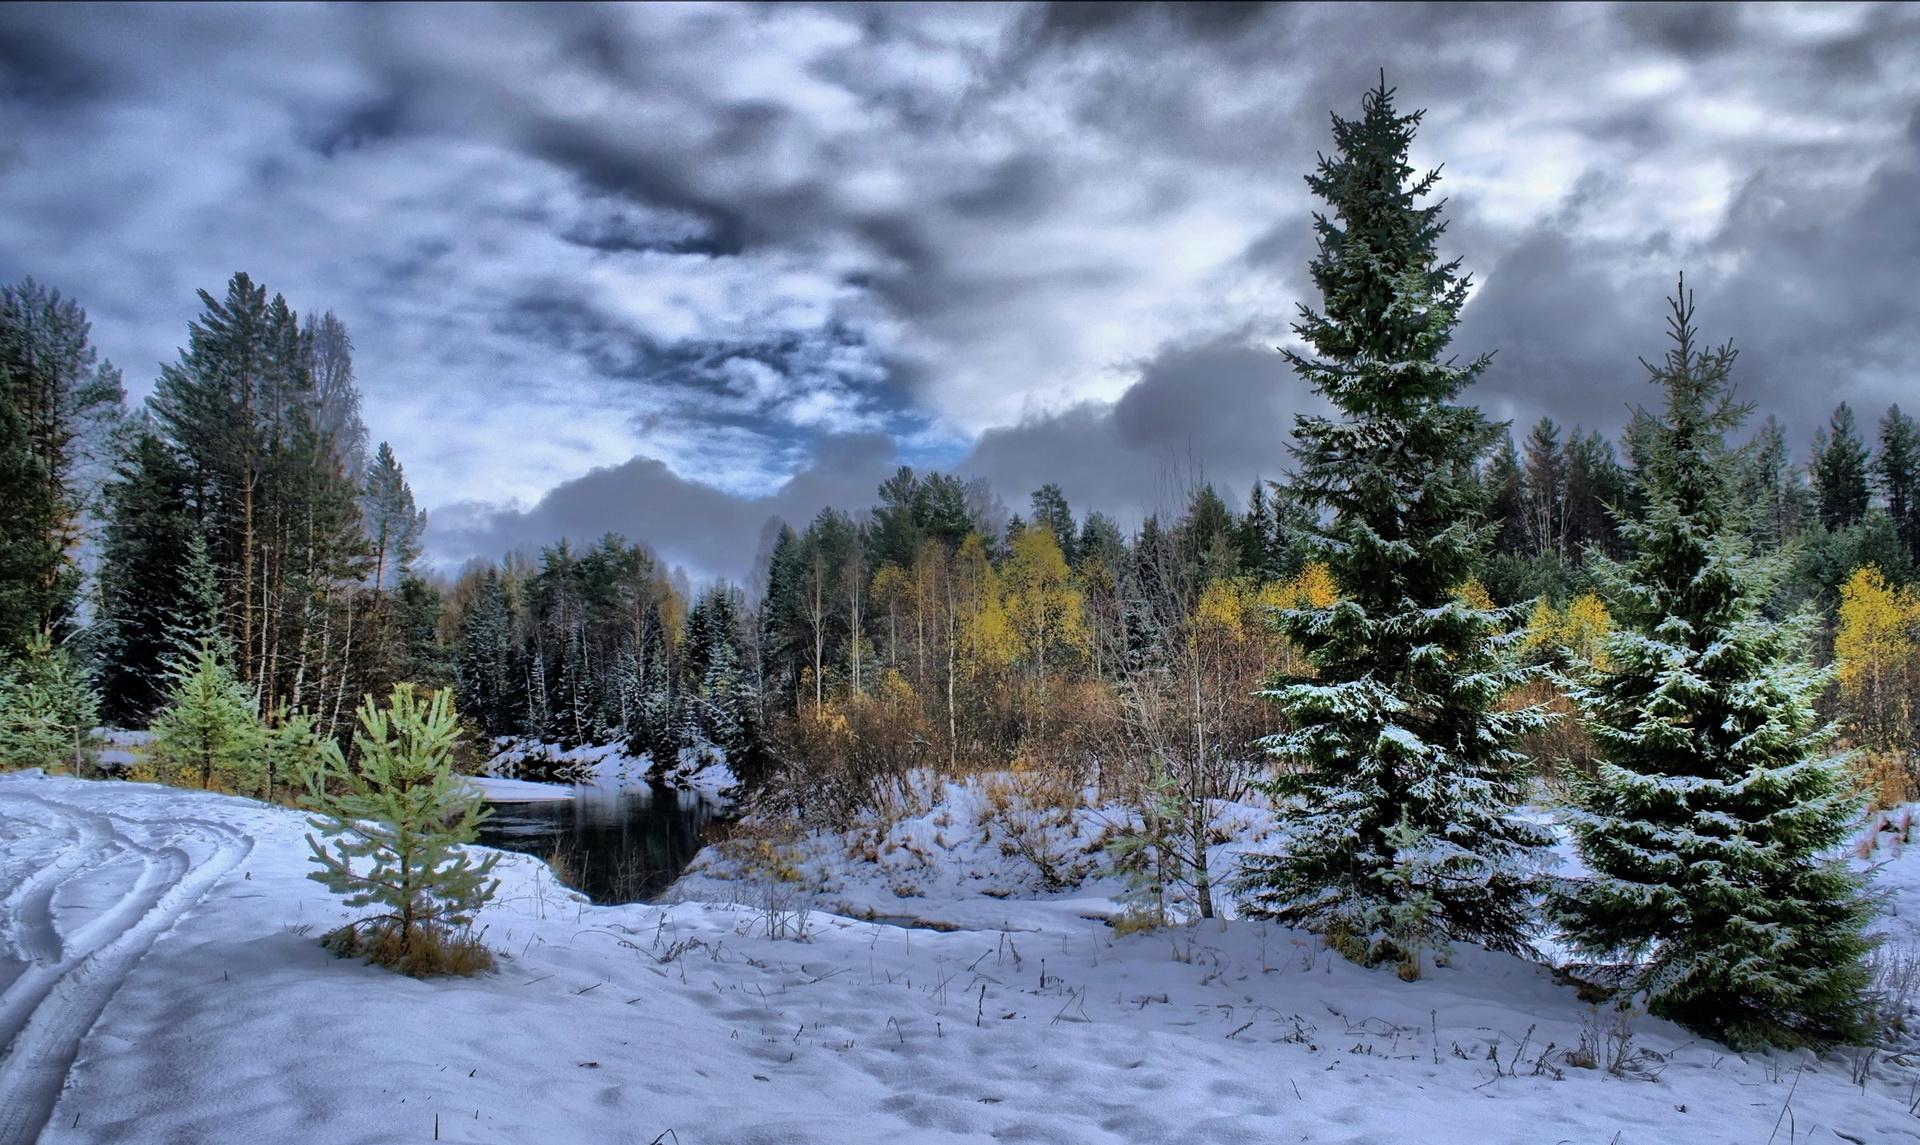 природа река зима снег бесплатно